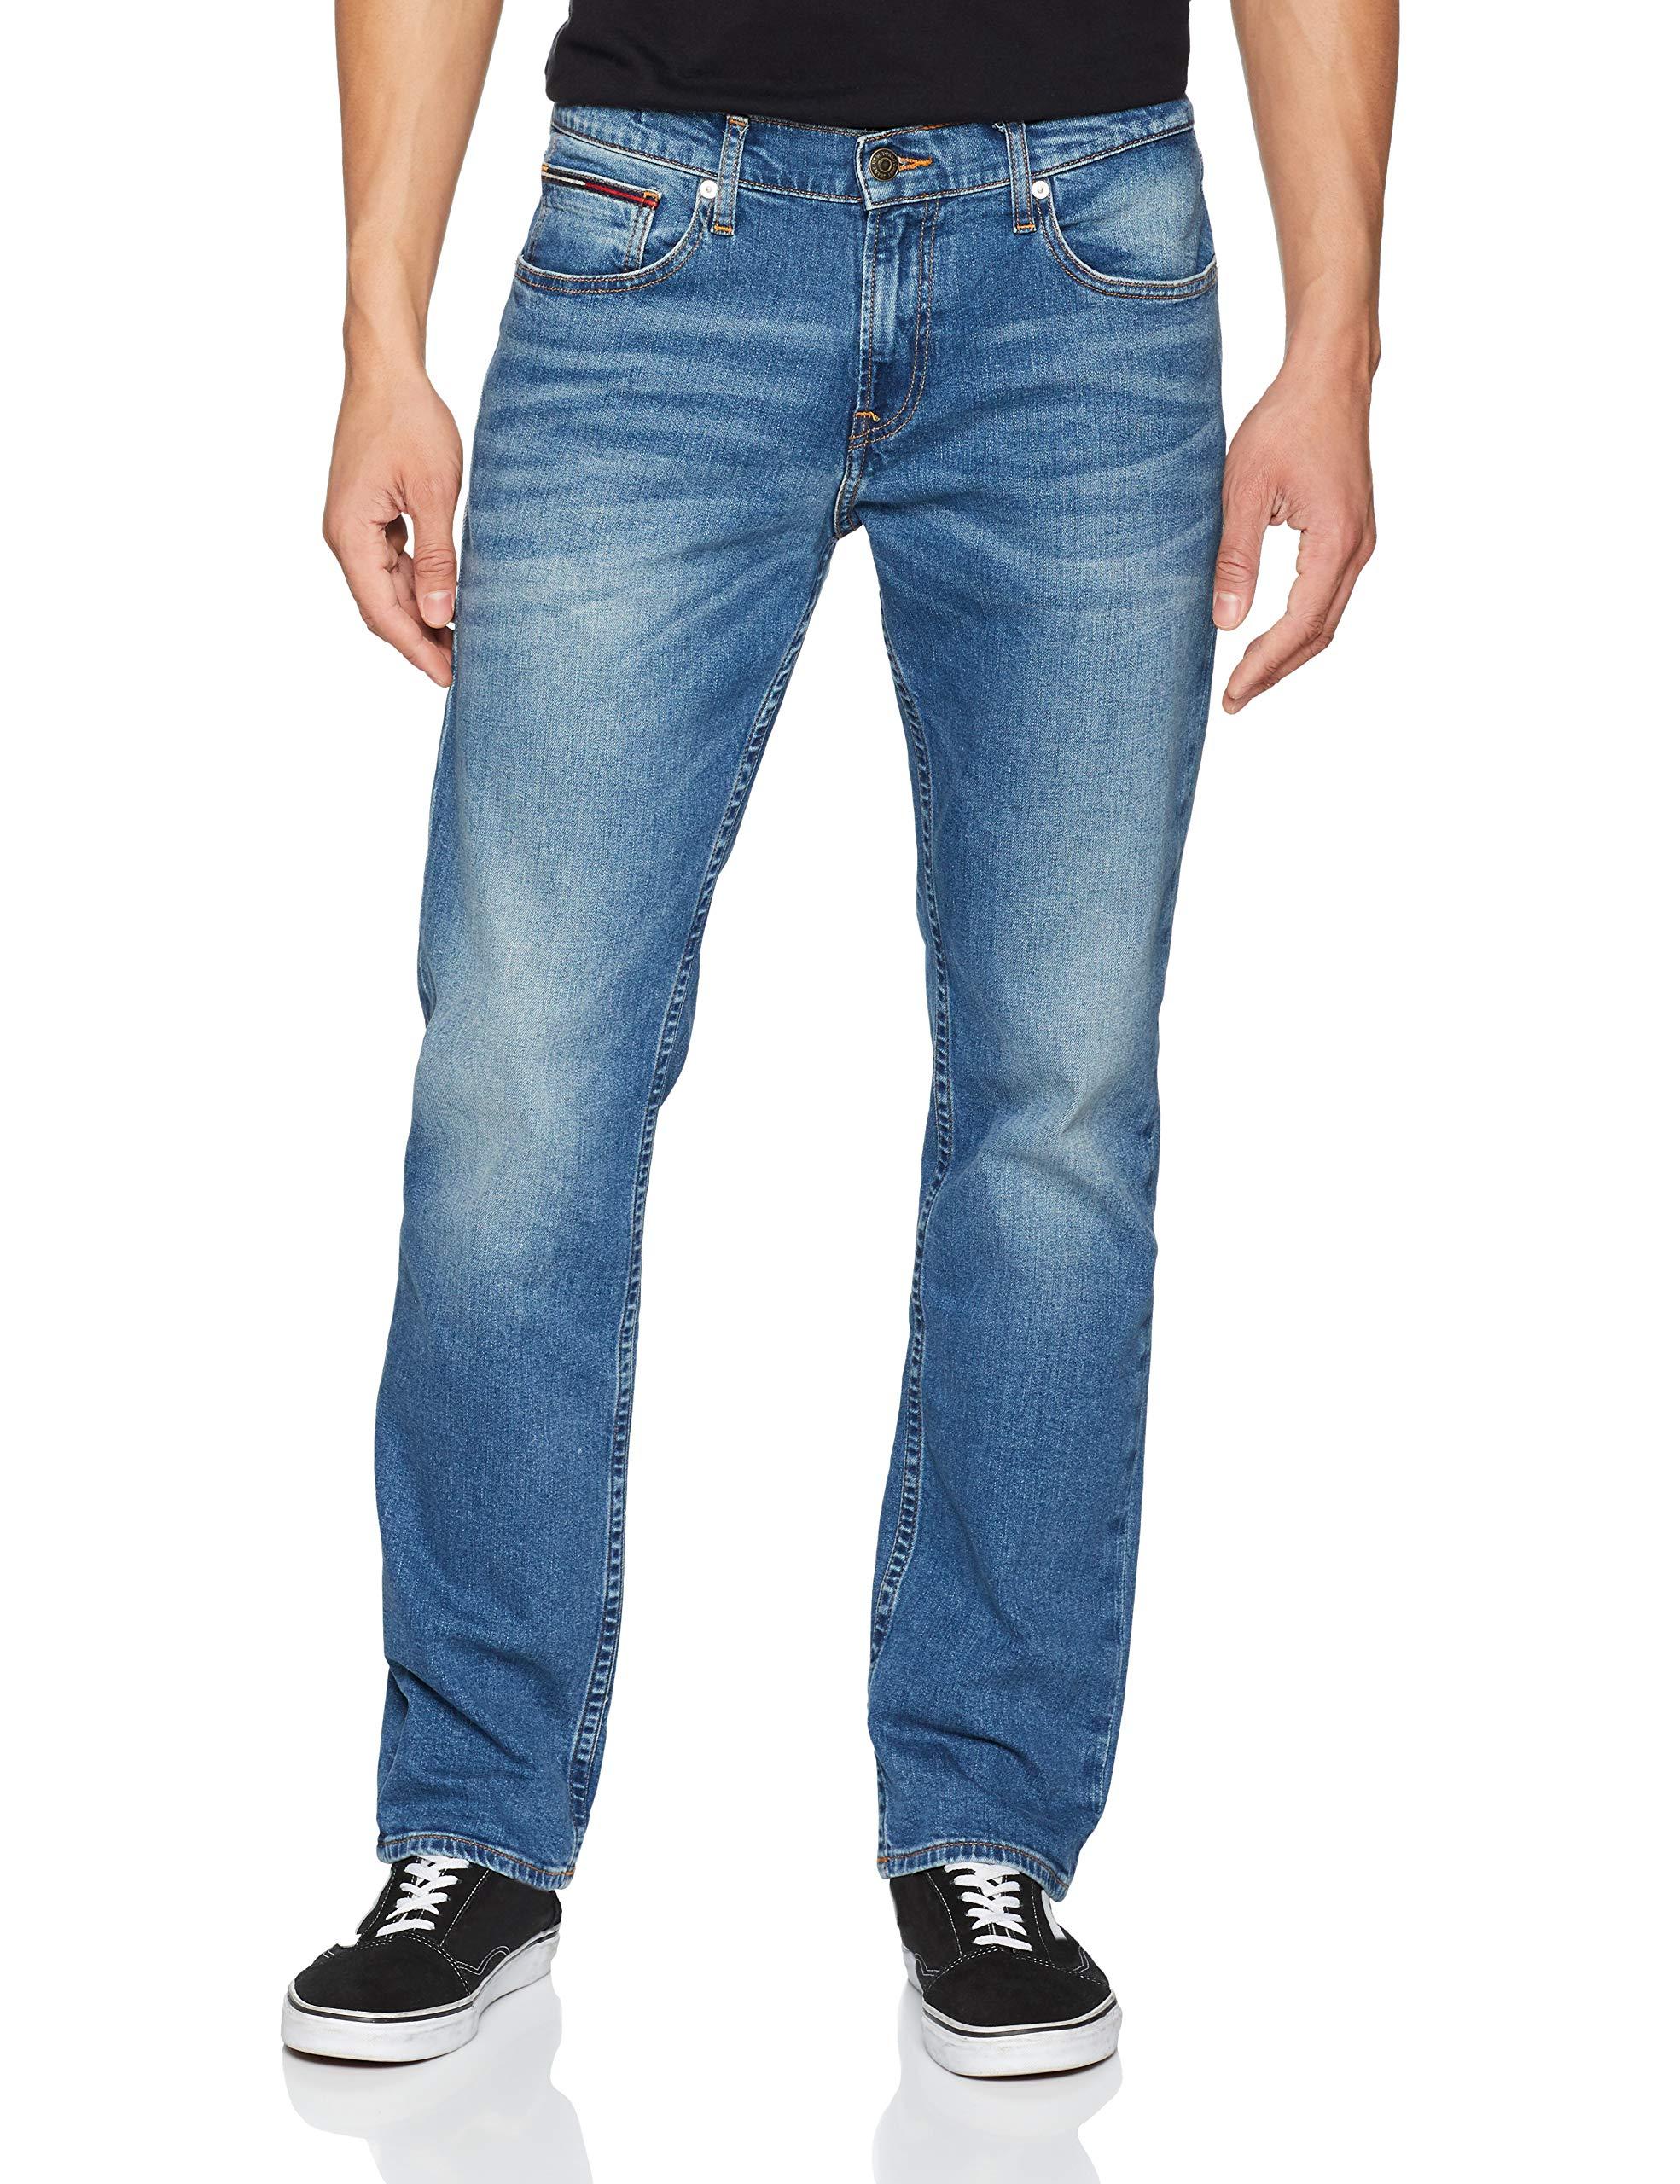 Jeans Ryan Original l32taille Fabricant3229 Homme Tommy 911W29 Droit Bl Mid Bleufulton Com 5L3RA4j